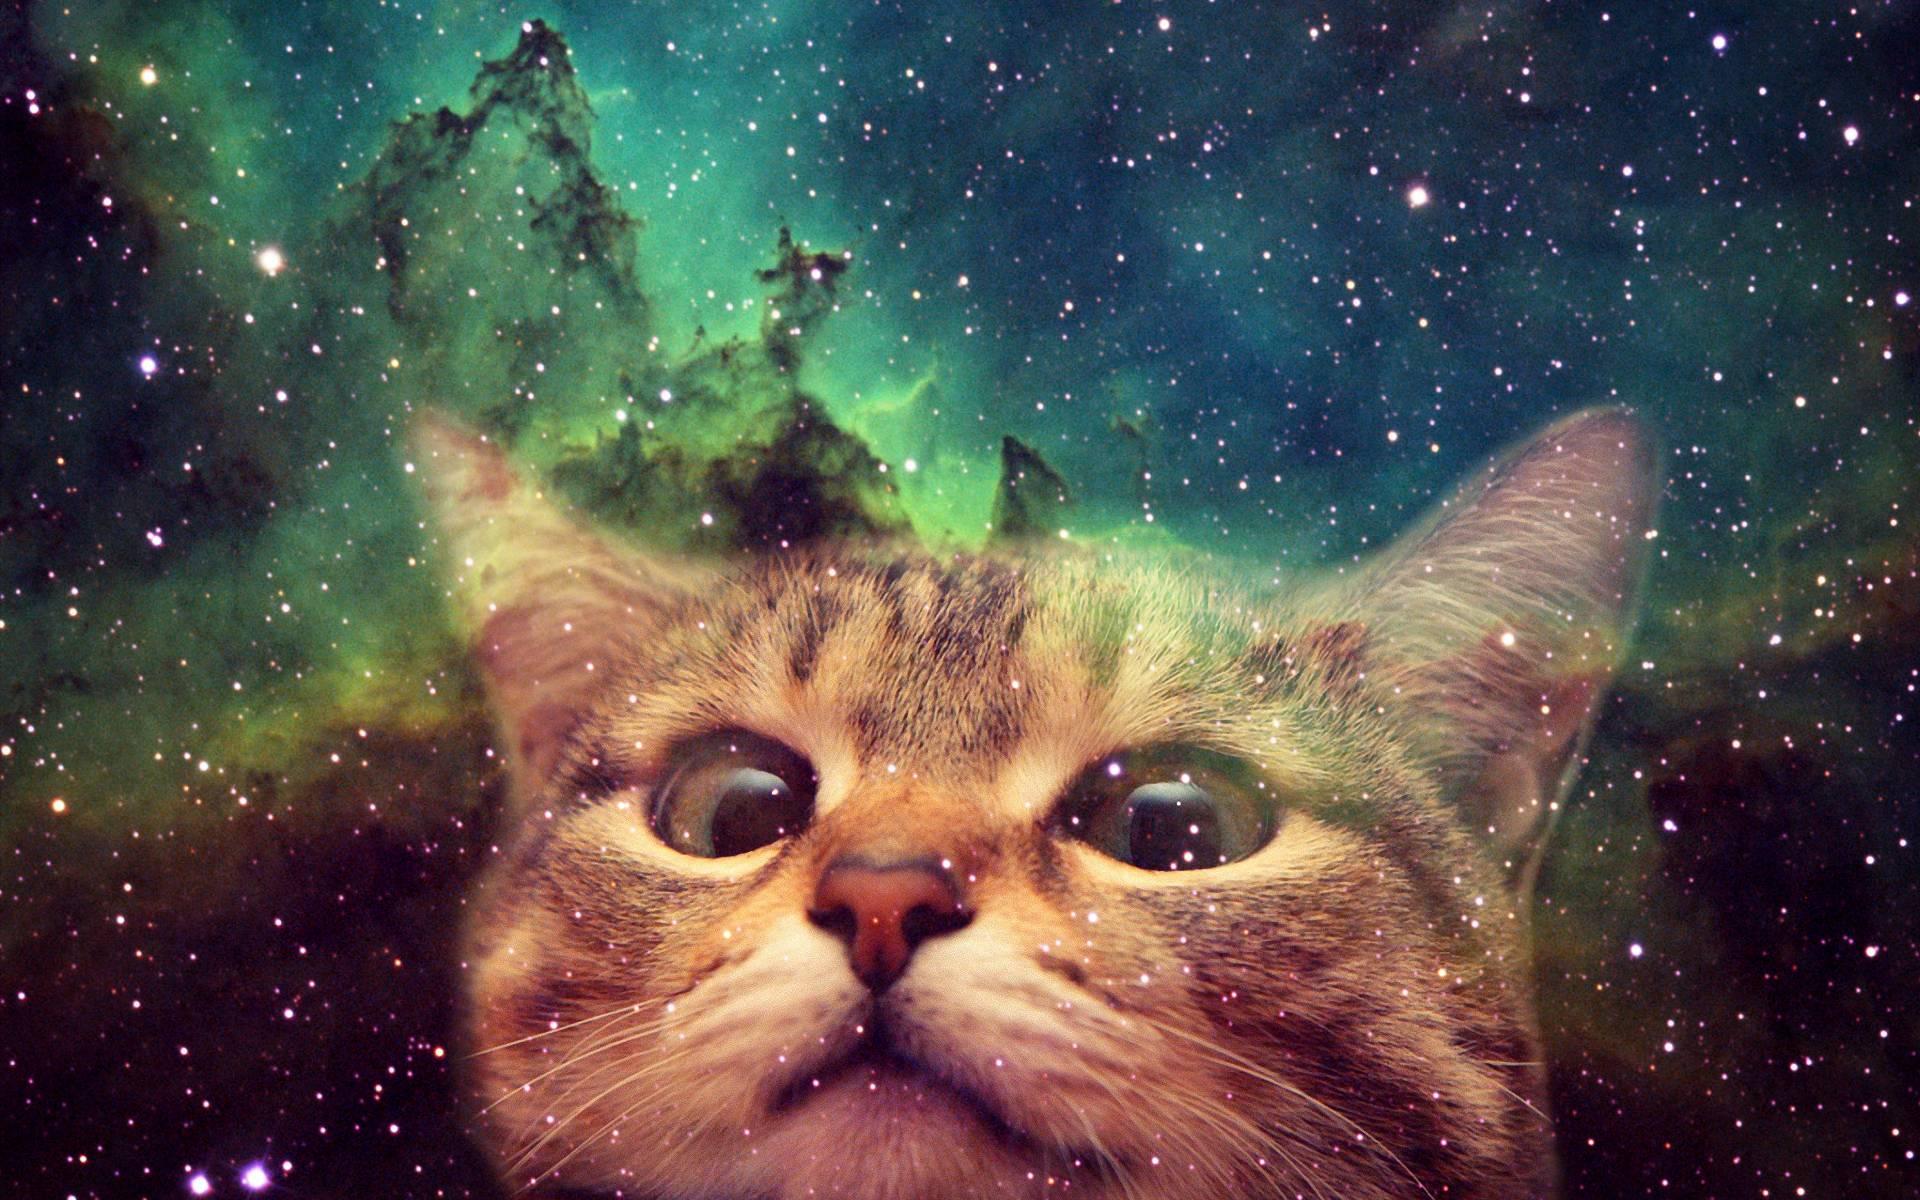 Fantastic Cat Wallpaper 1920x1200 - Galaxy-cat-wallpaper-052  Picture_712215 .jpg